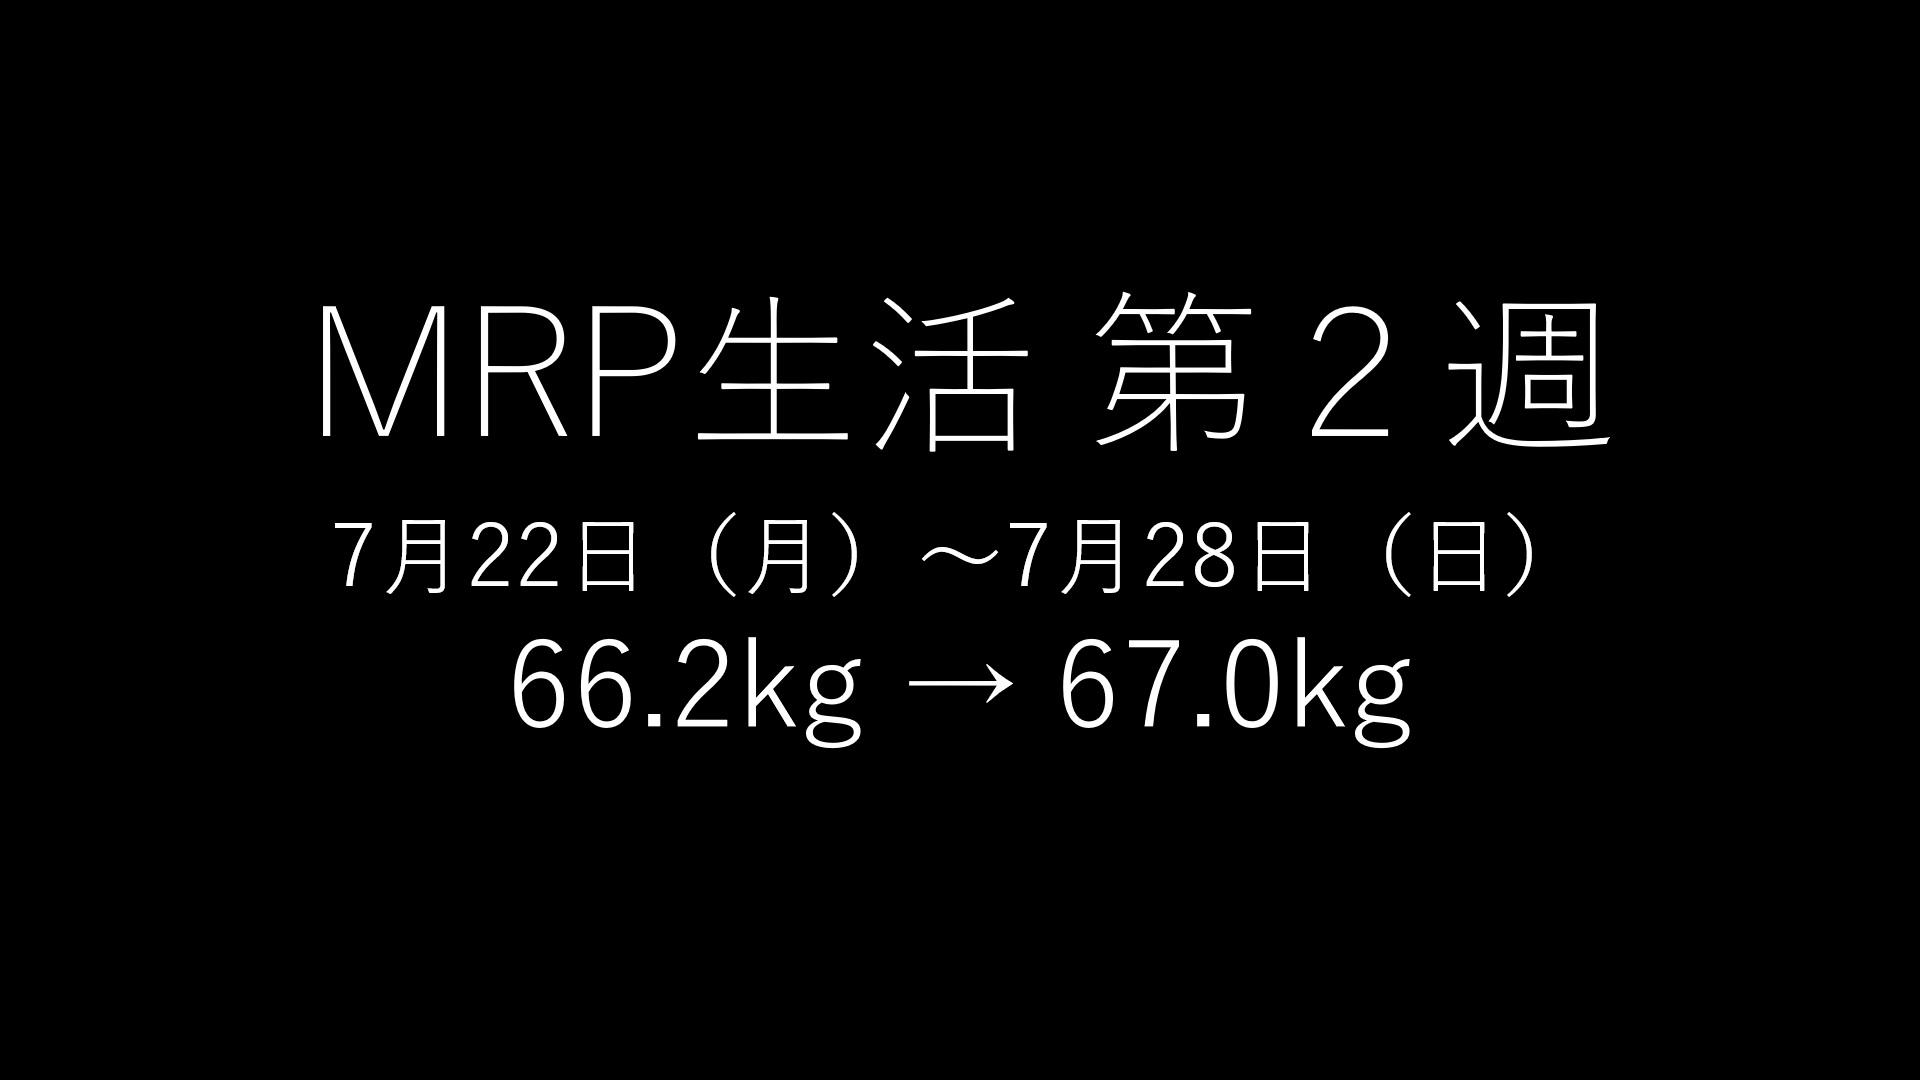 「基本的にMRPだけで生きてみる」第2回のアイキャッチ画像